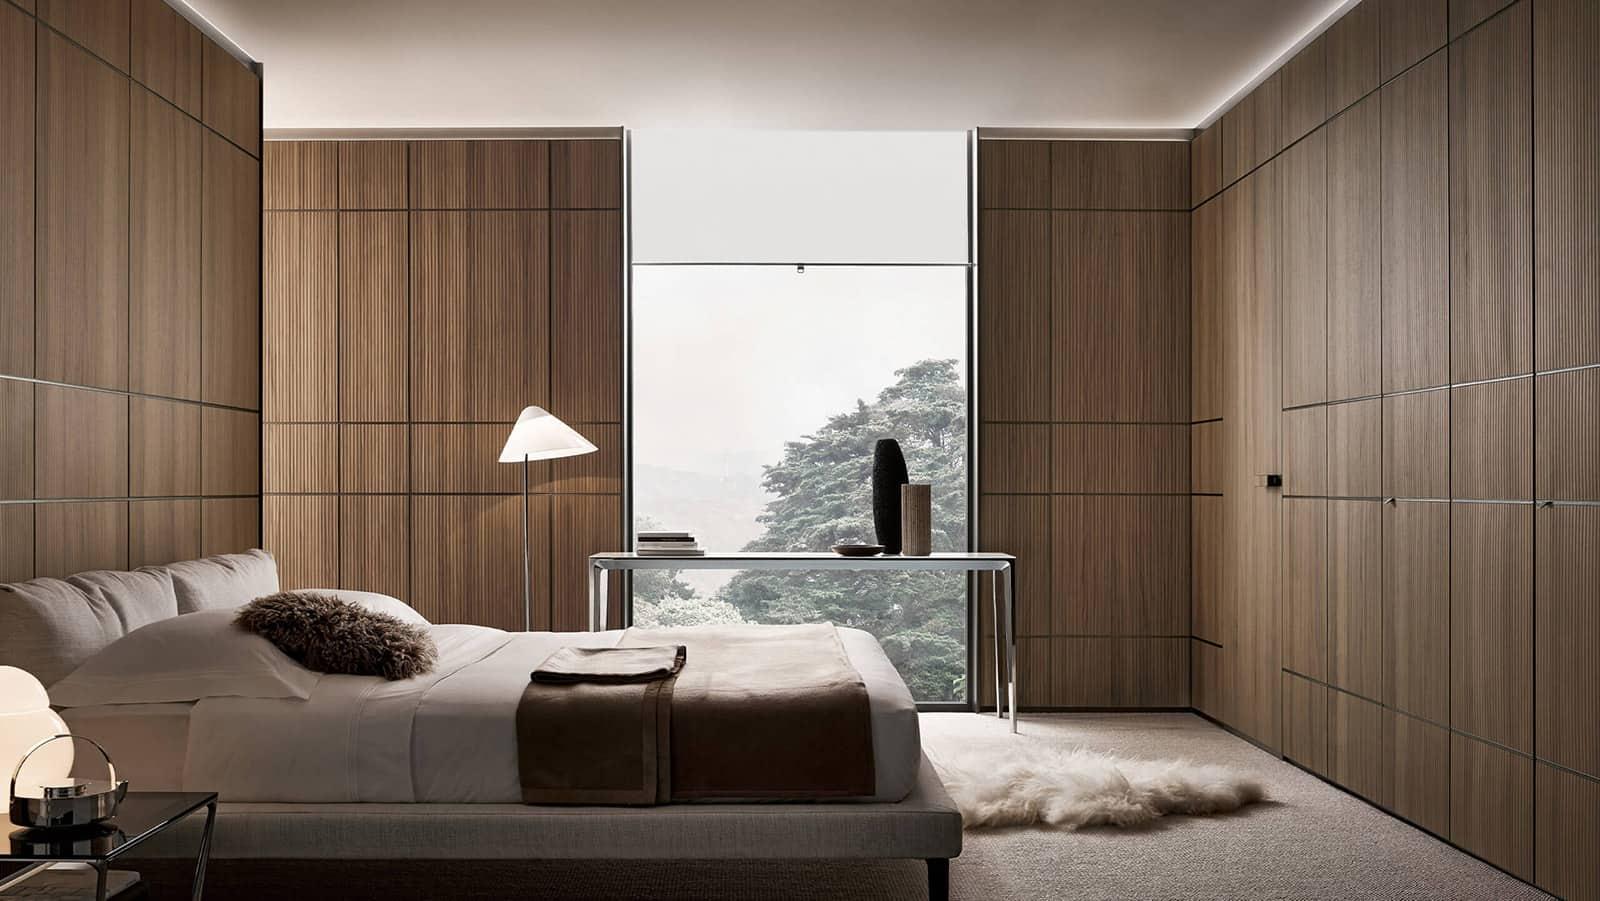 design slaapkamerontwerp met wandpanelen in notenhout en geïntegreerde rimadesio moon kozijnloze deur vlaklopend met de wand